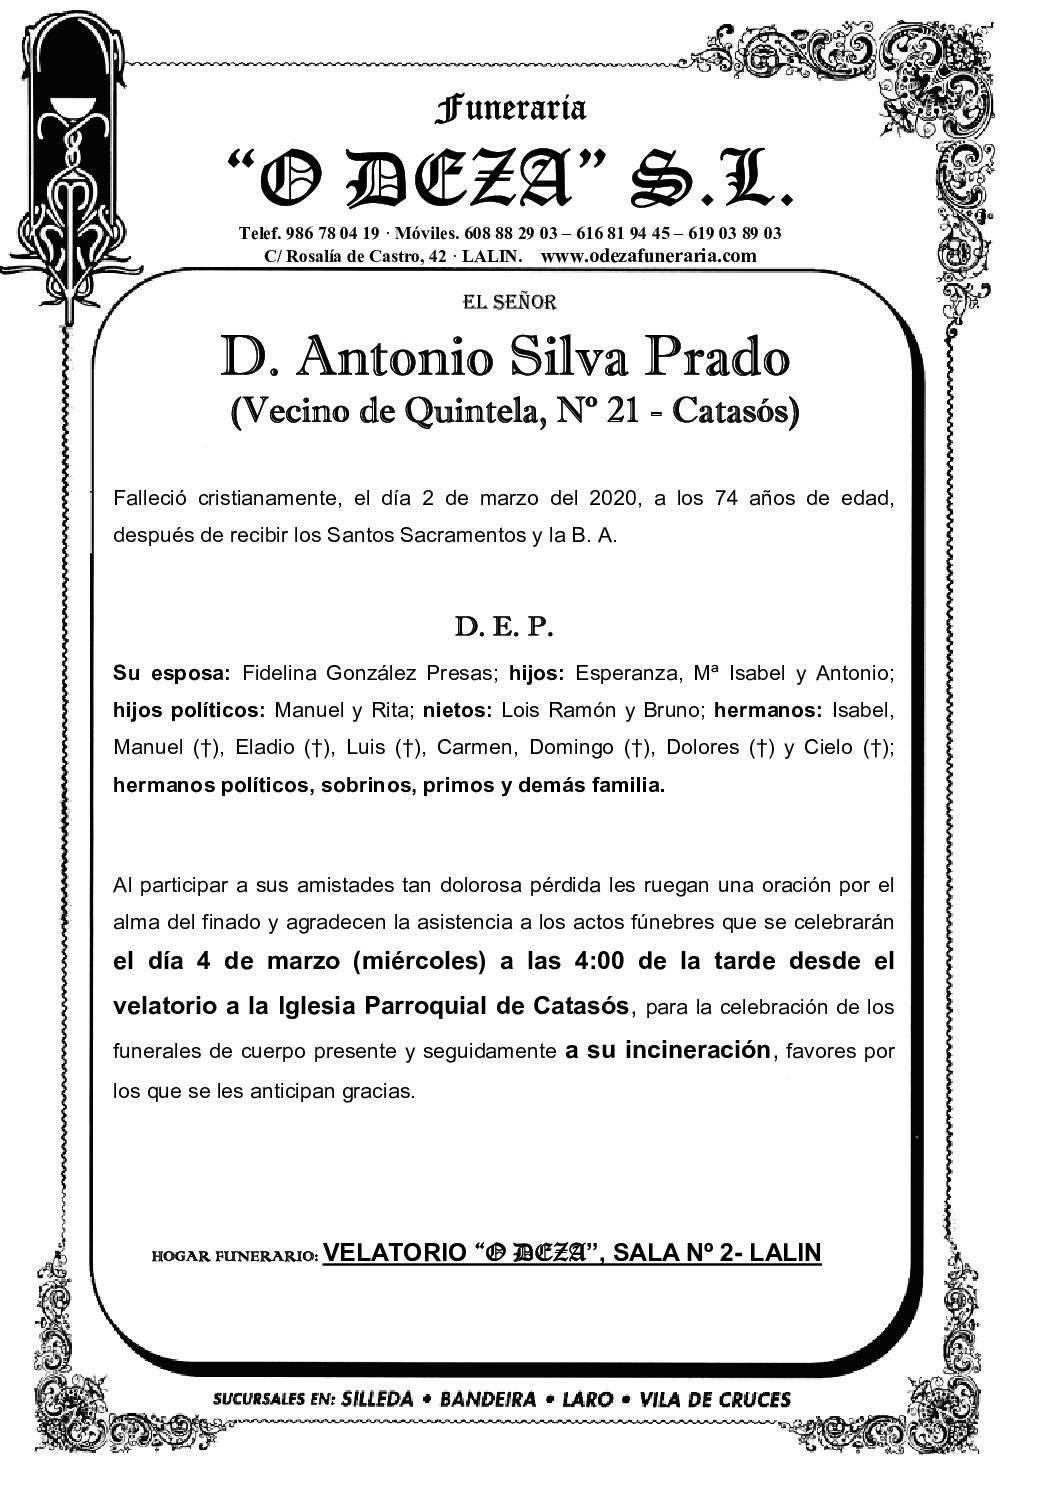 D. ANTONIO SILVA PRADO